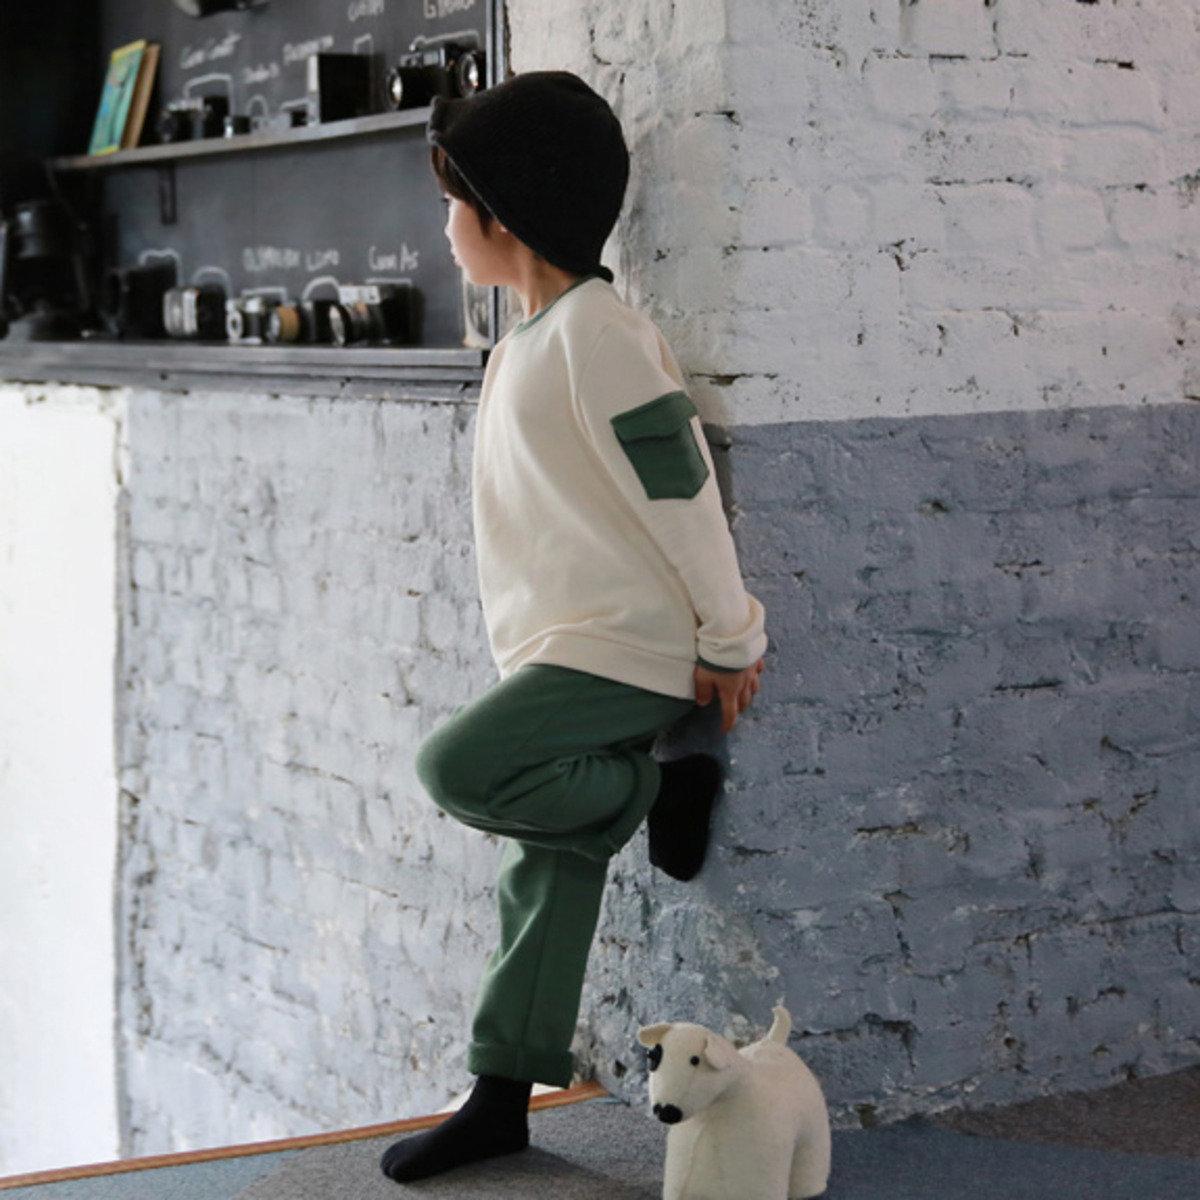 [16SP] 圓領長袖 T 恤連休閒褲 (男童套裝)_S63803